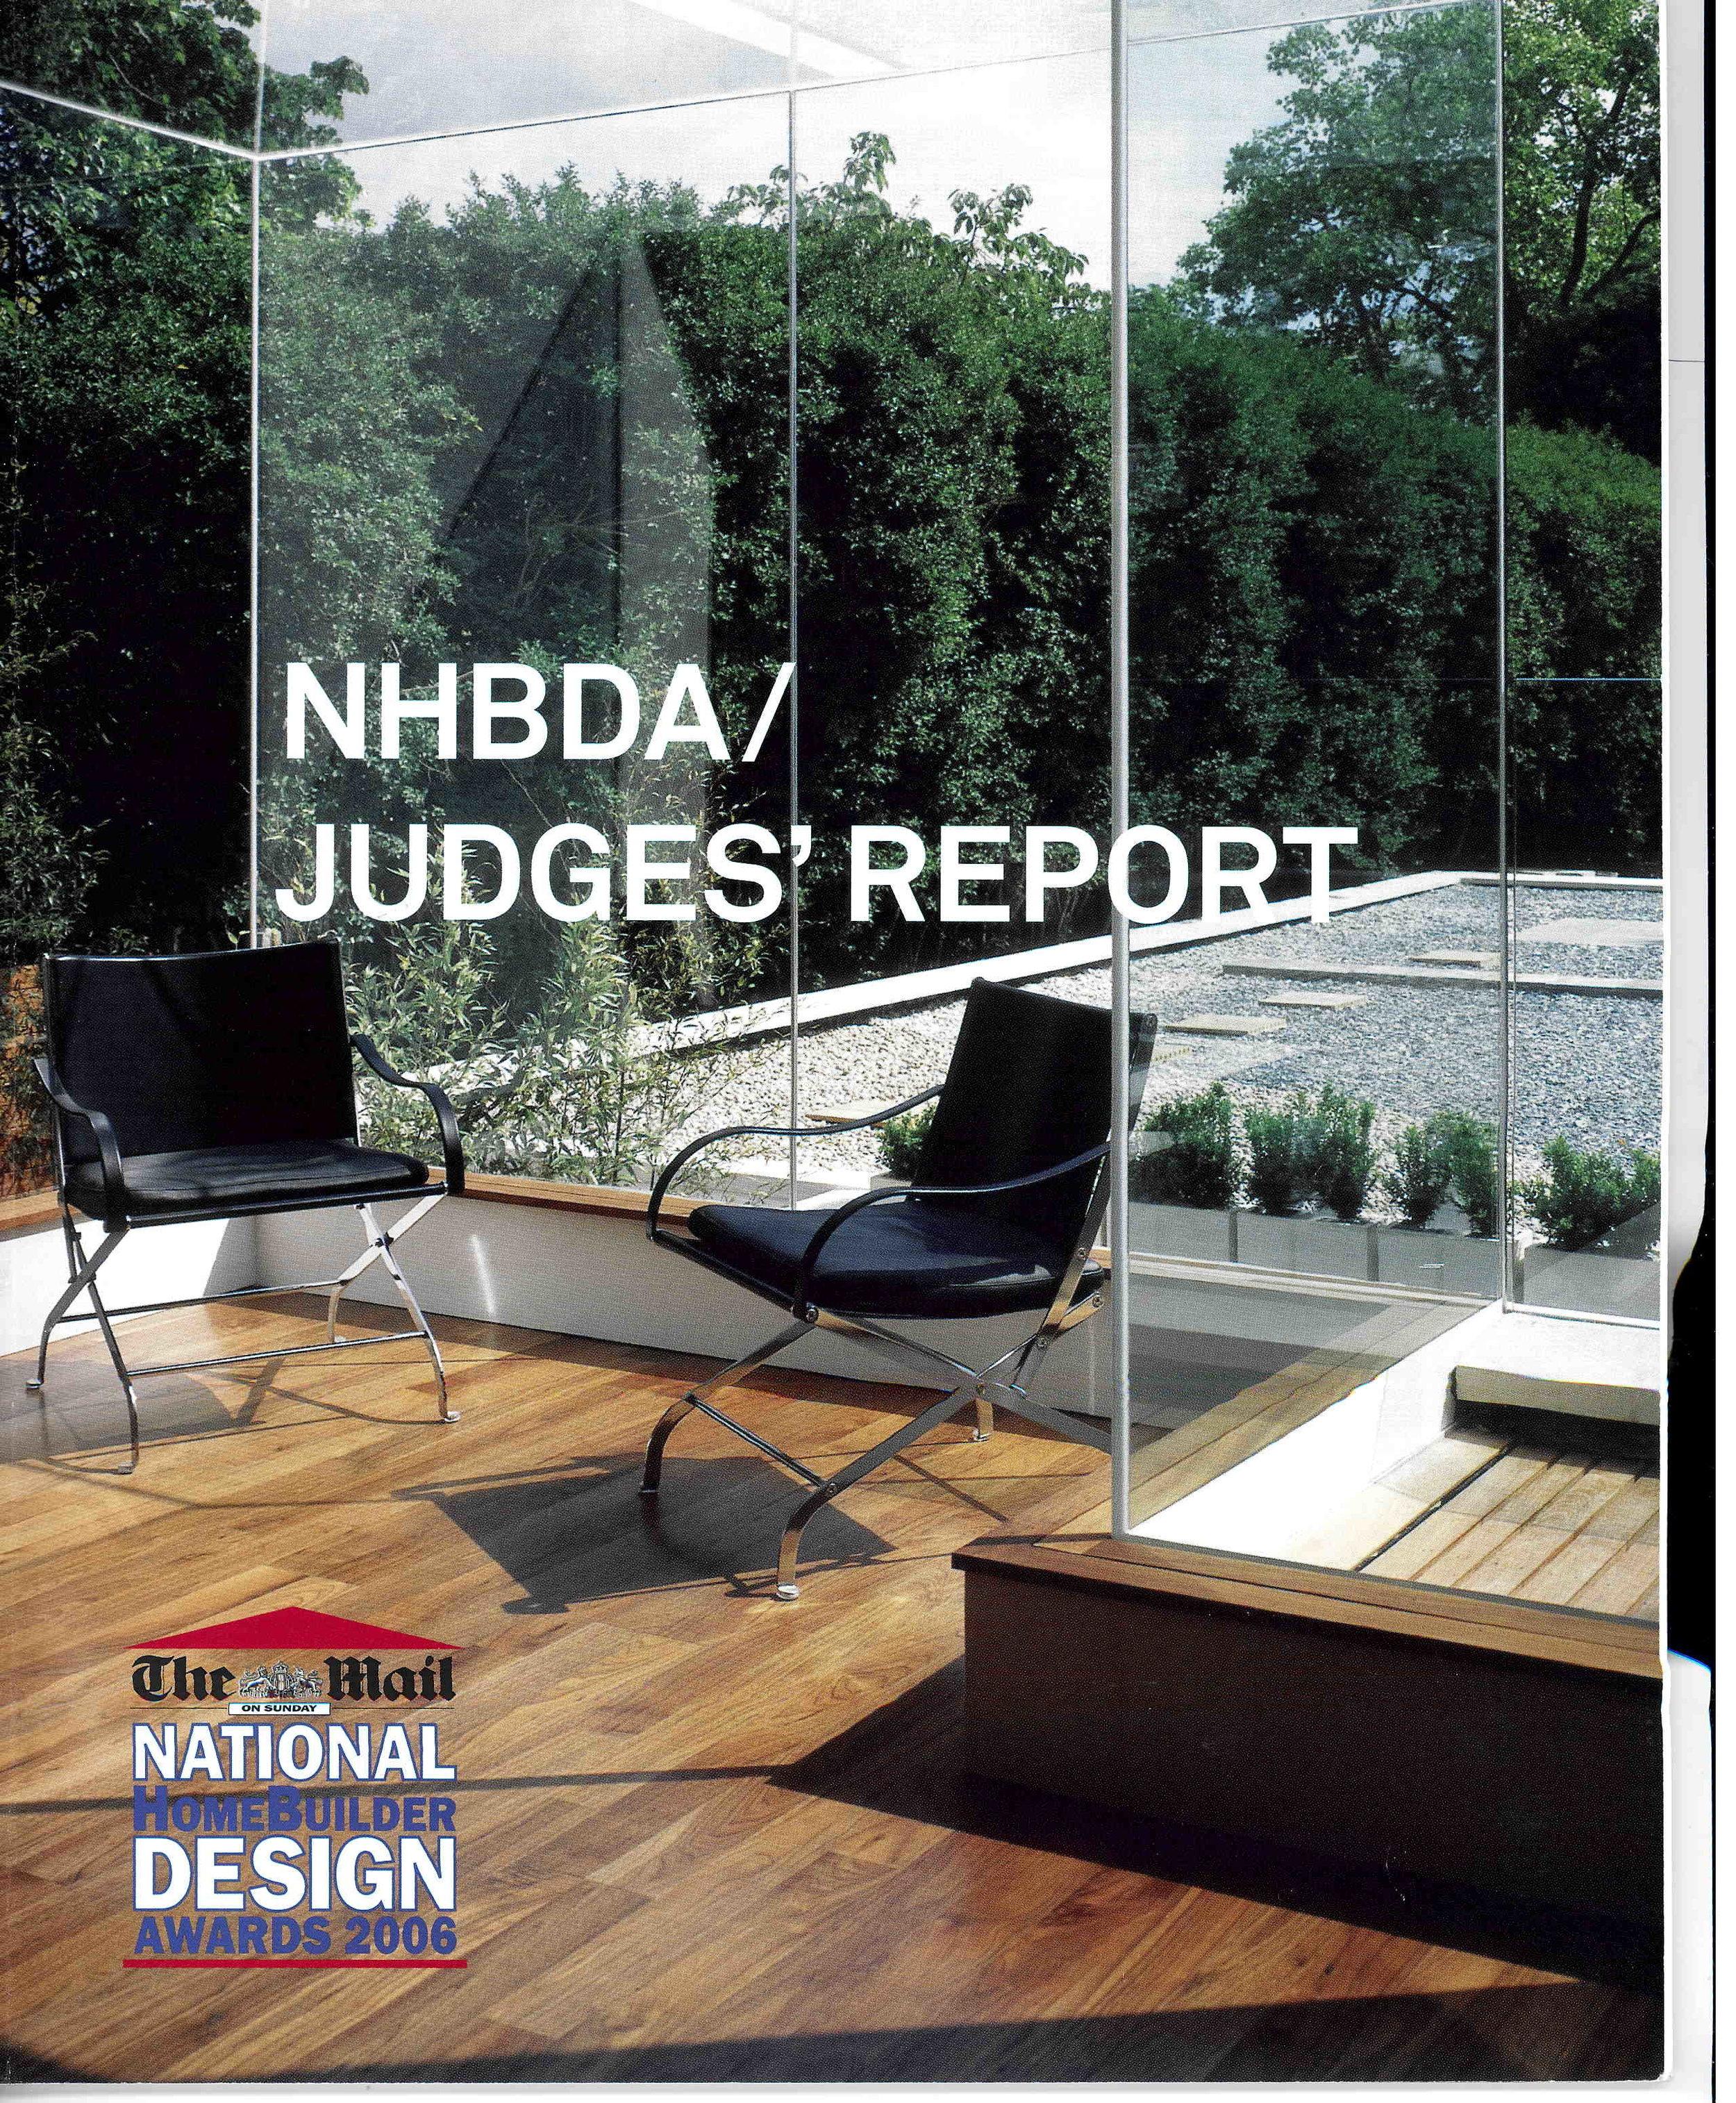 National Homebuilder Awards, 2006